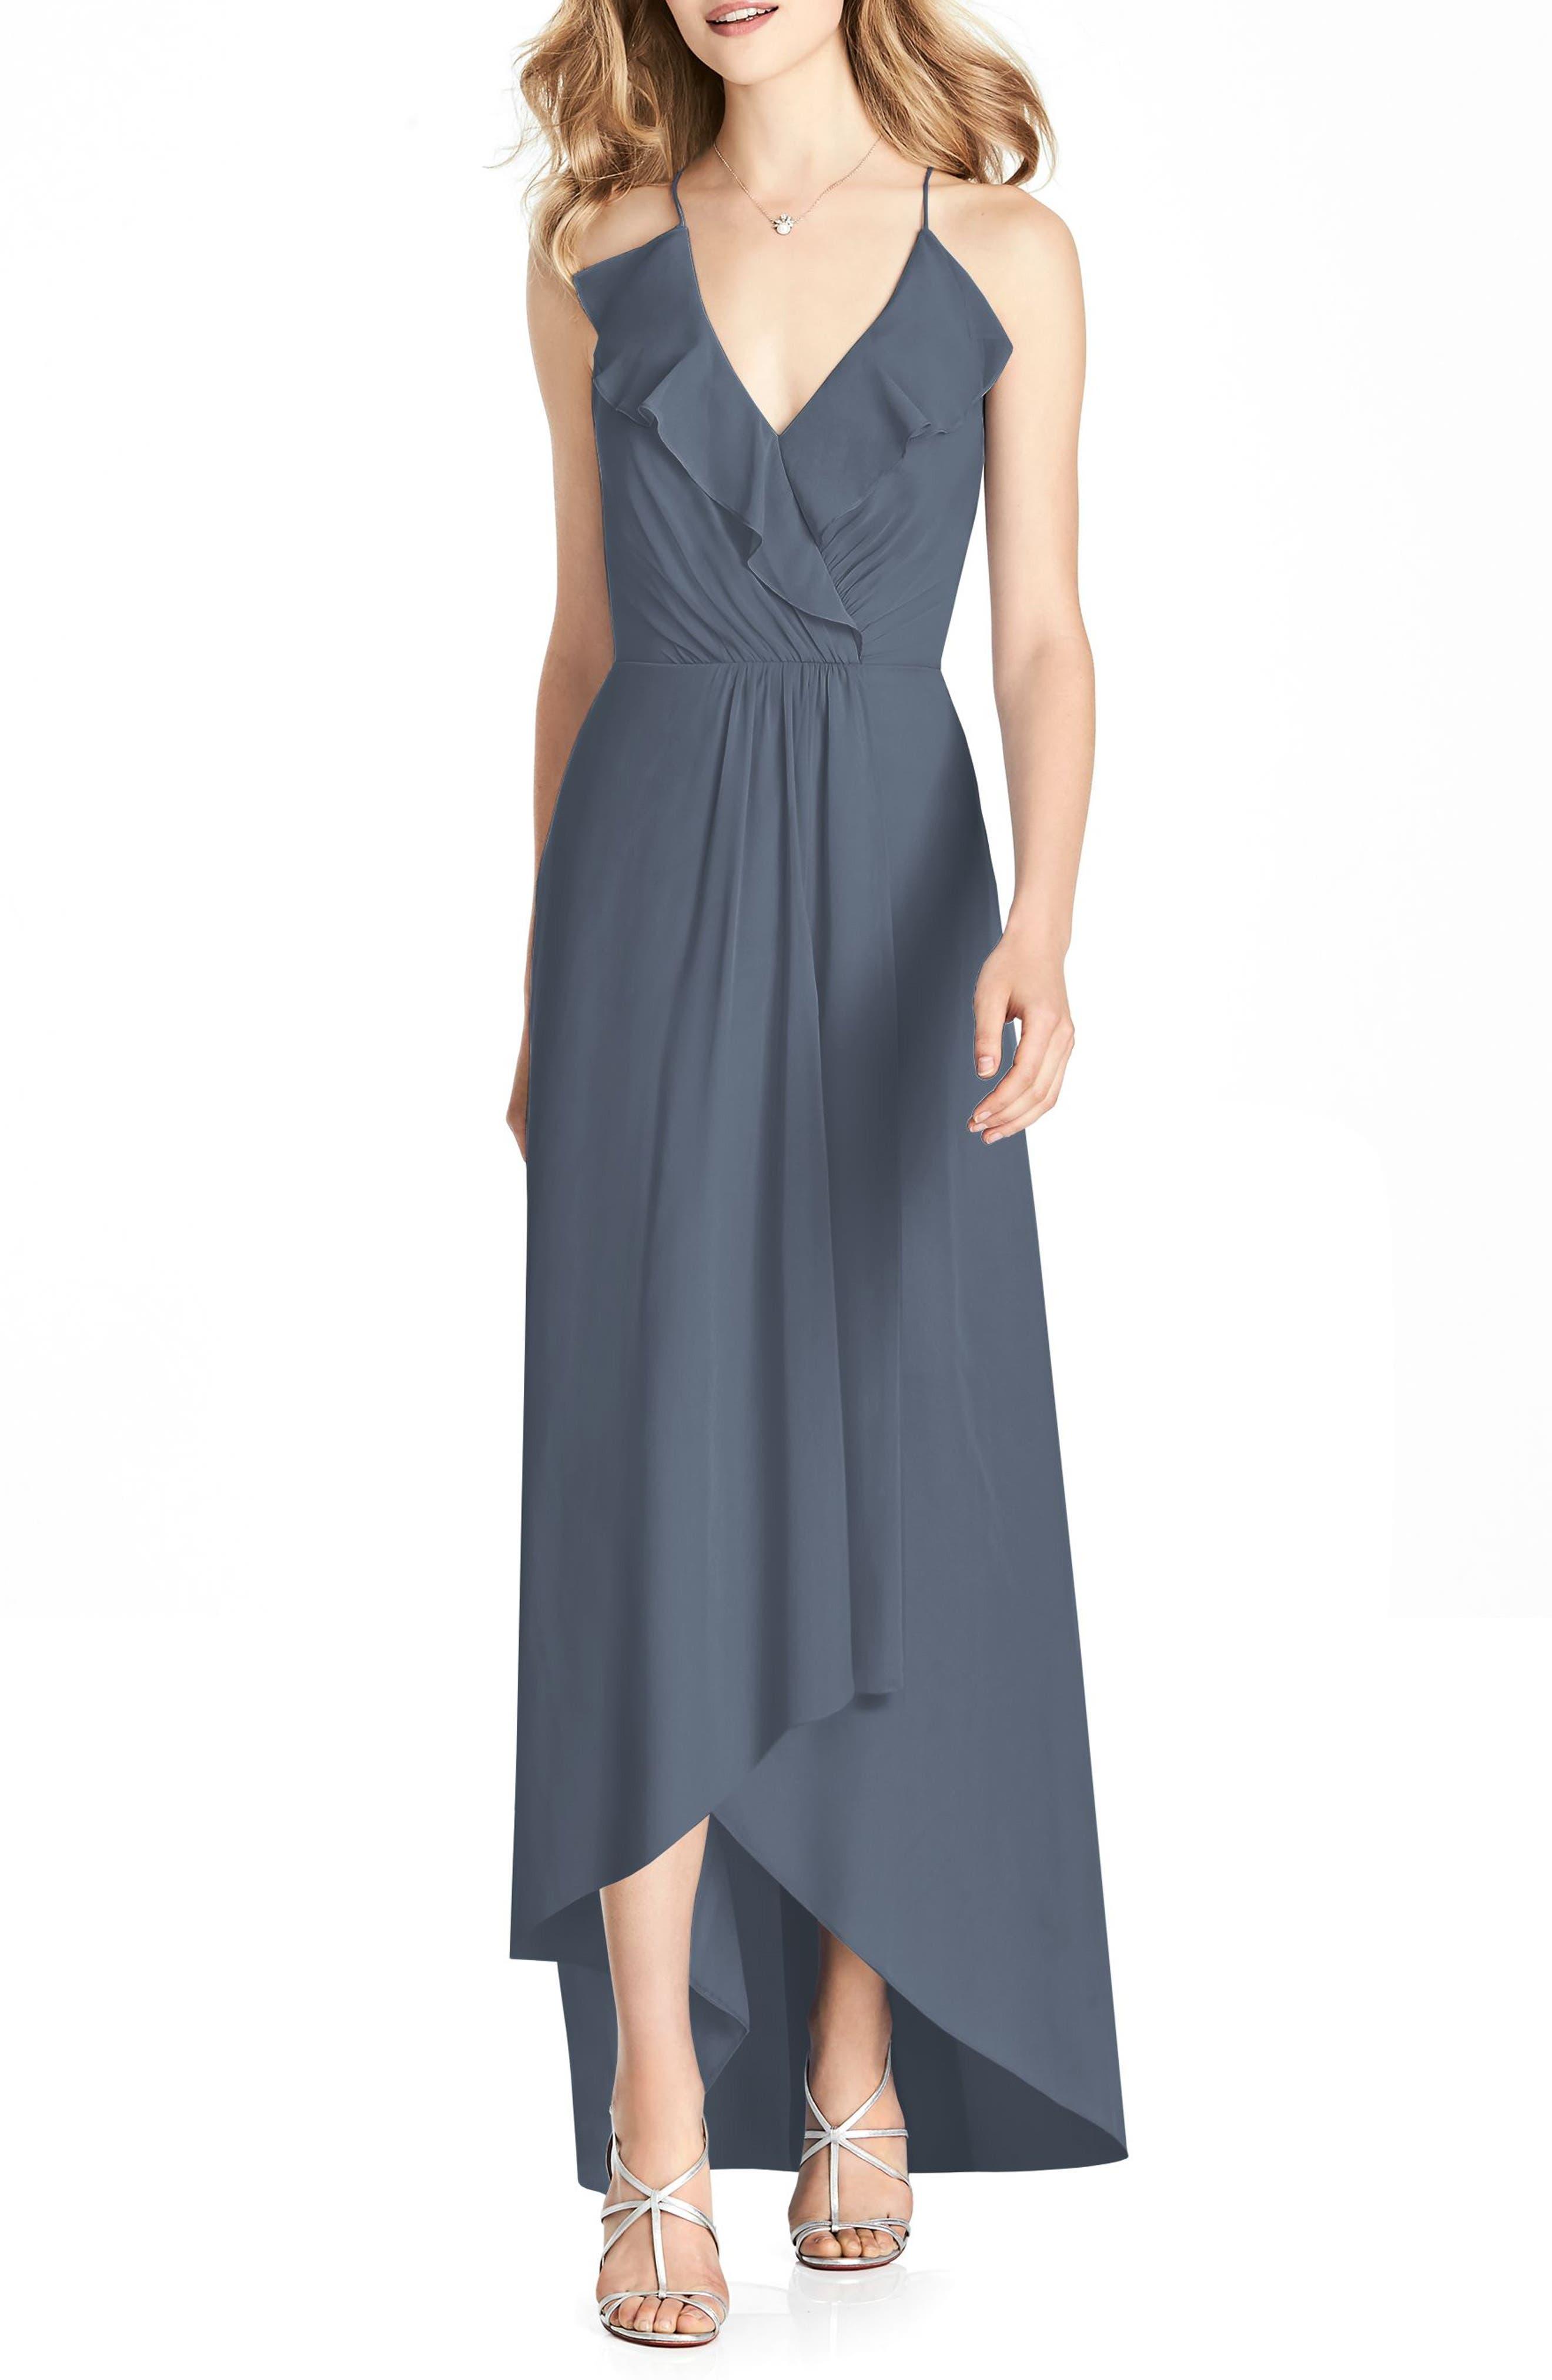 Jenny Packham Ruffle Neck Chiffon Gown, Grey